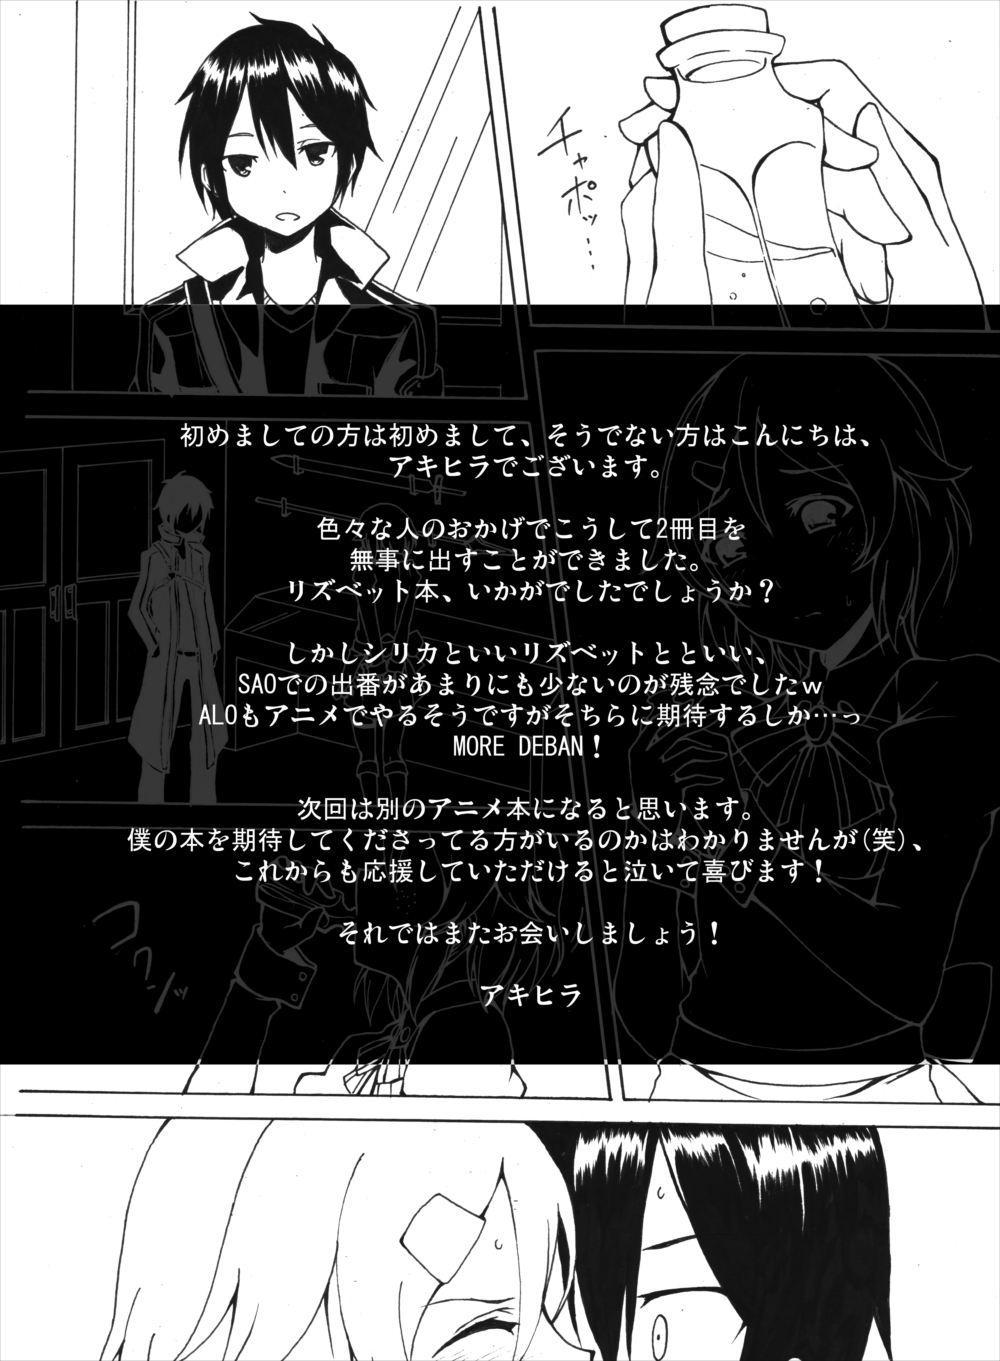 Lizbeth no Ketsui... Kiken na Kusuri wo Tsukatte demo Asuna kara Kirito wo Ubatte Miseru... 23